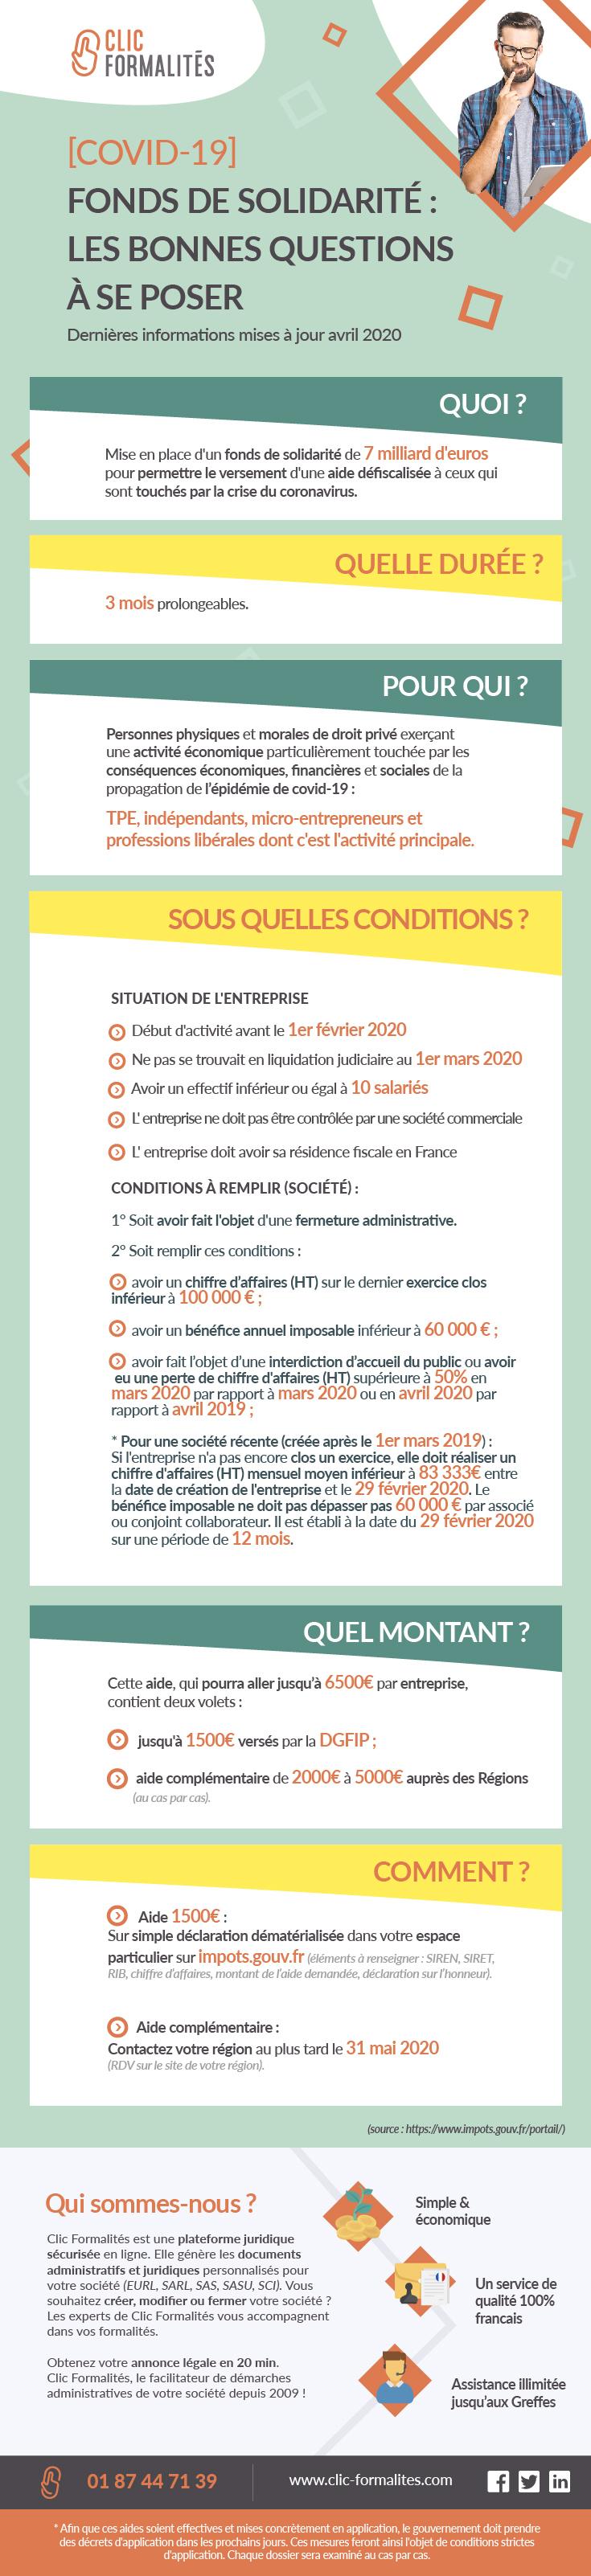 schéma fonds de solidarité covid-19 aide 1500€